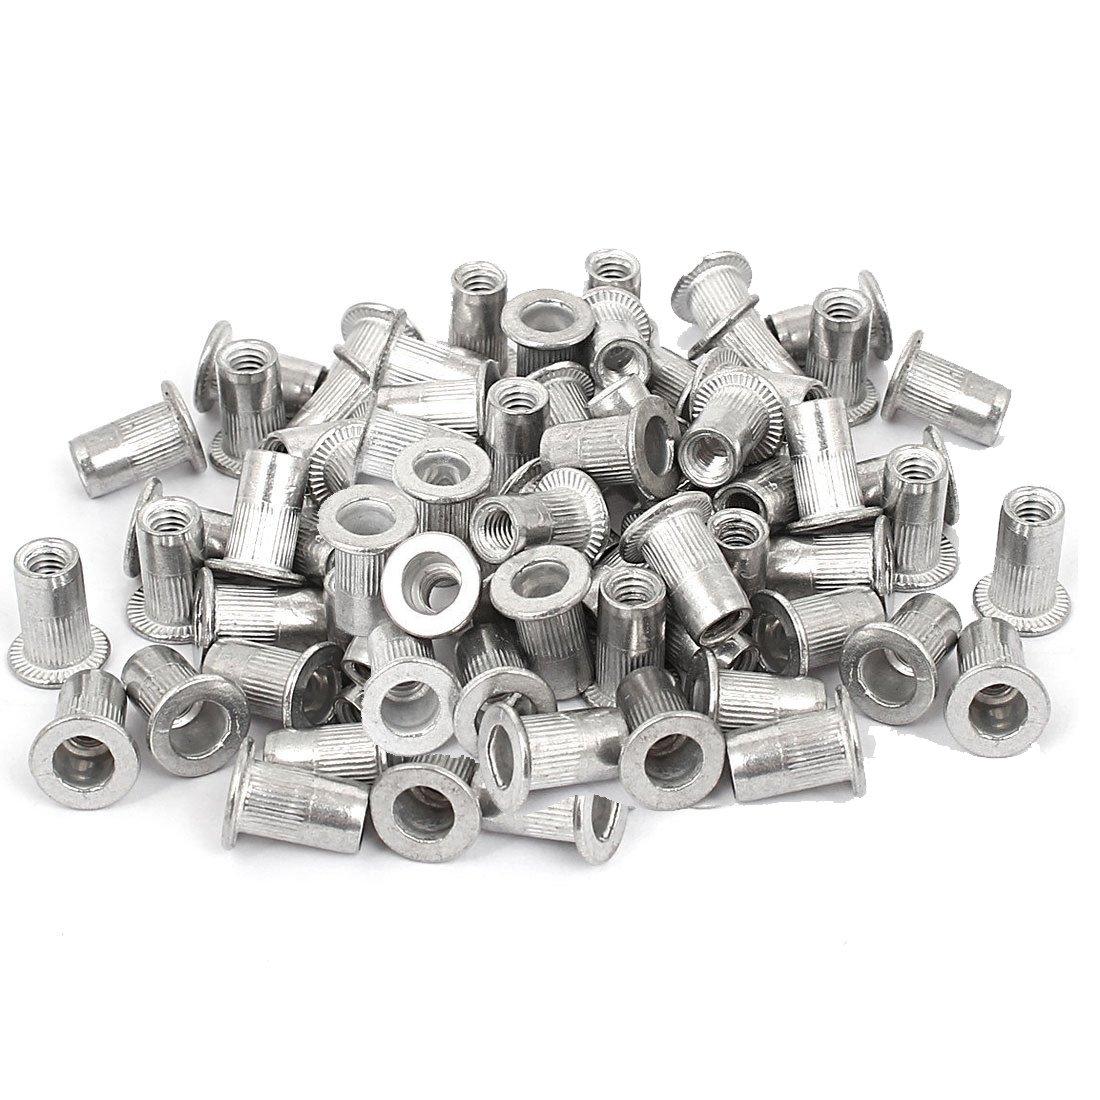 Veda 25 pcs of M5 Threaded Aluminum Rivet Nut Rivnut Insert Nutsert 5mm